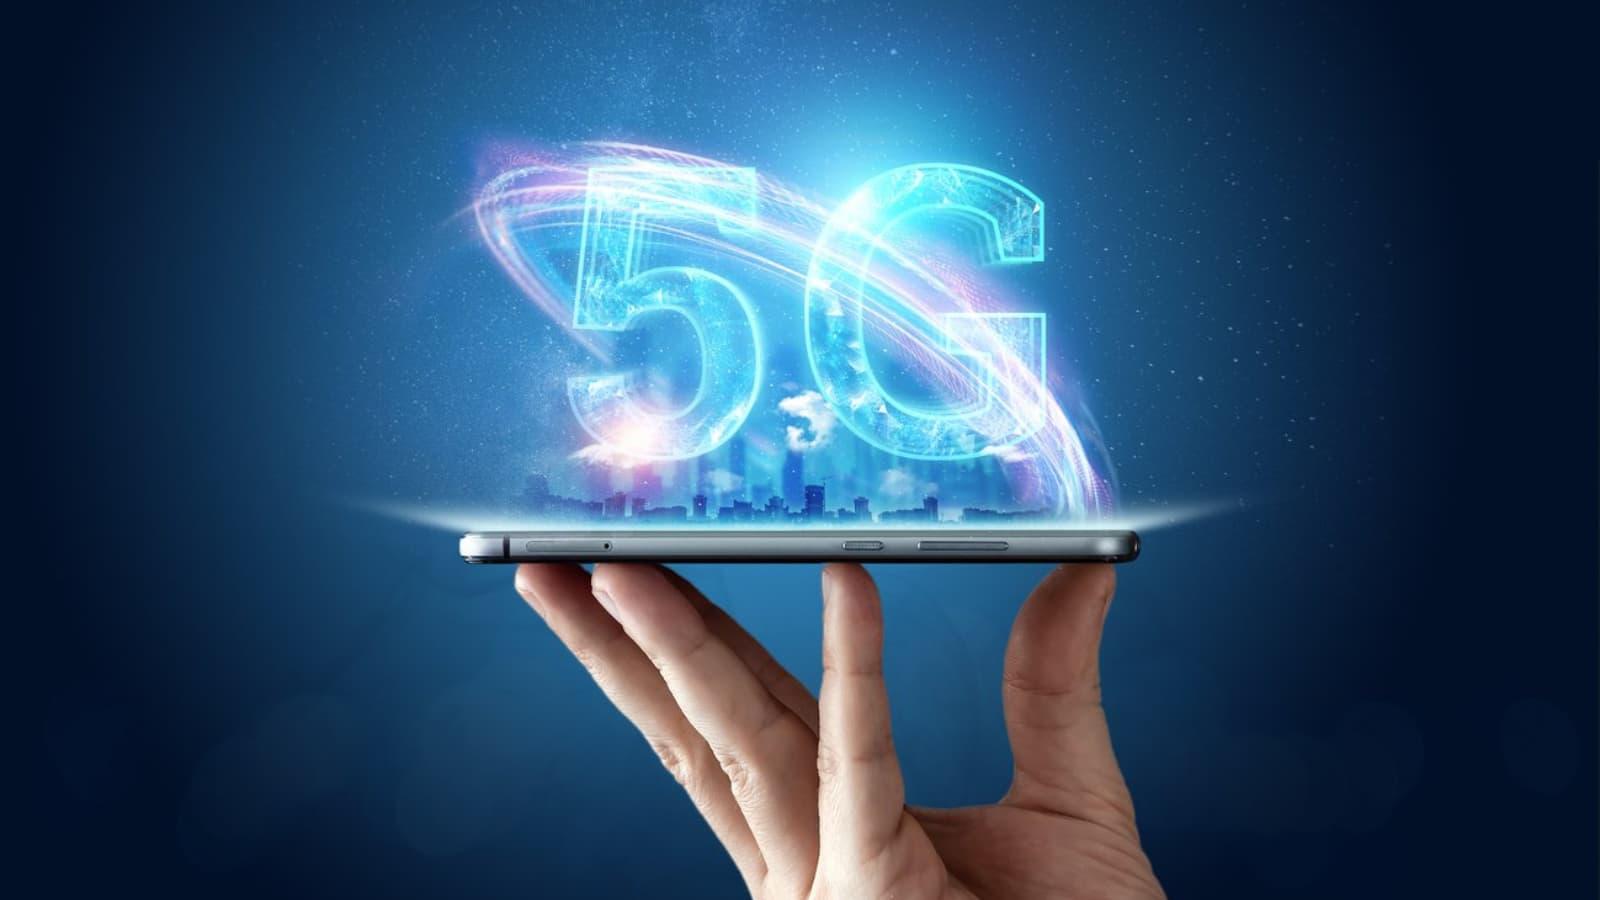 Retrouvez les meilleurs smartphones et forfaits 5G chez SFR